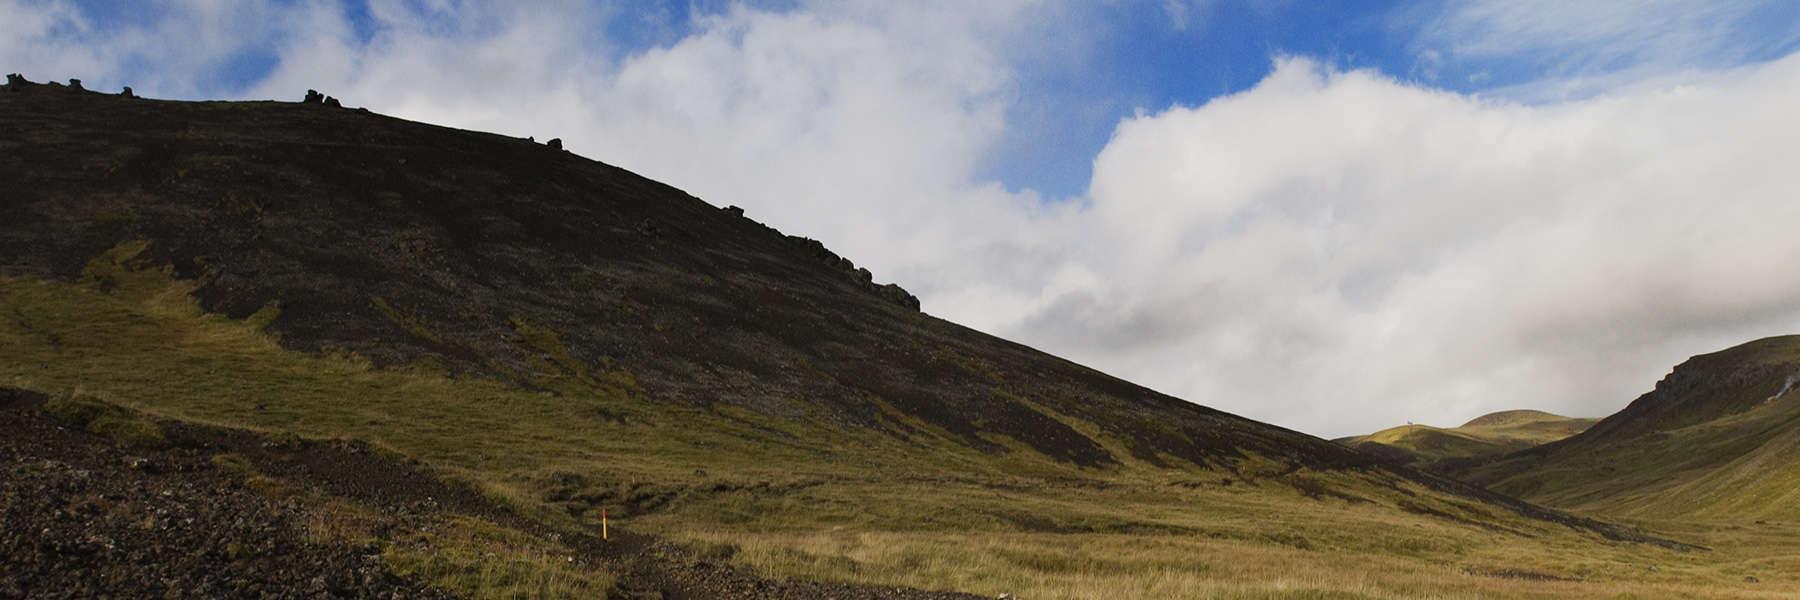 Dalafell, near Hveragerdi, Iceland